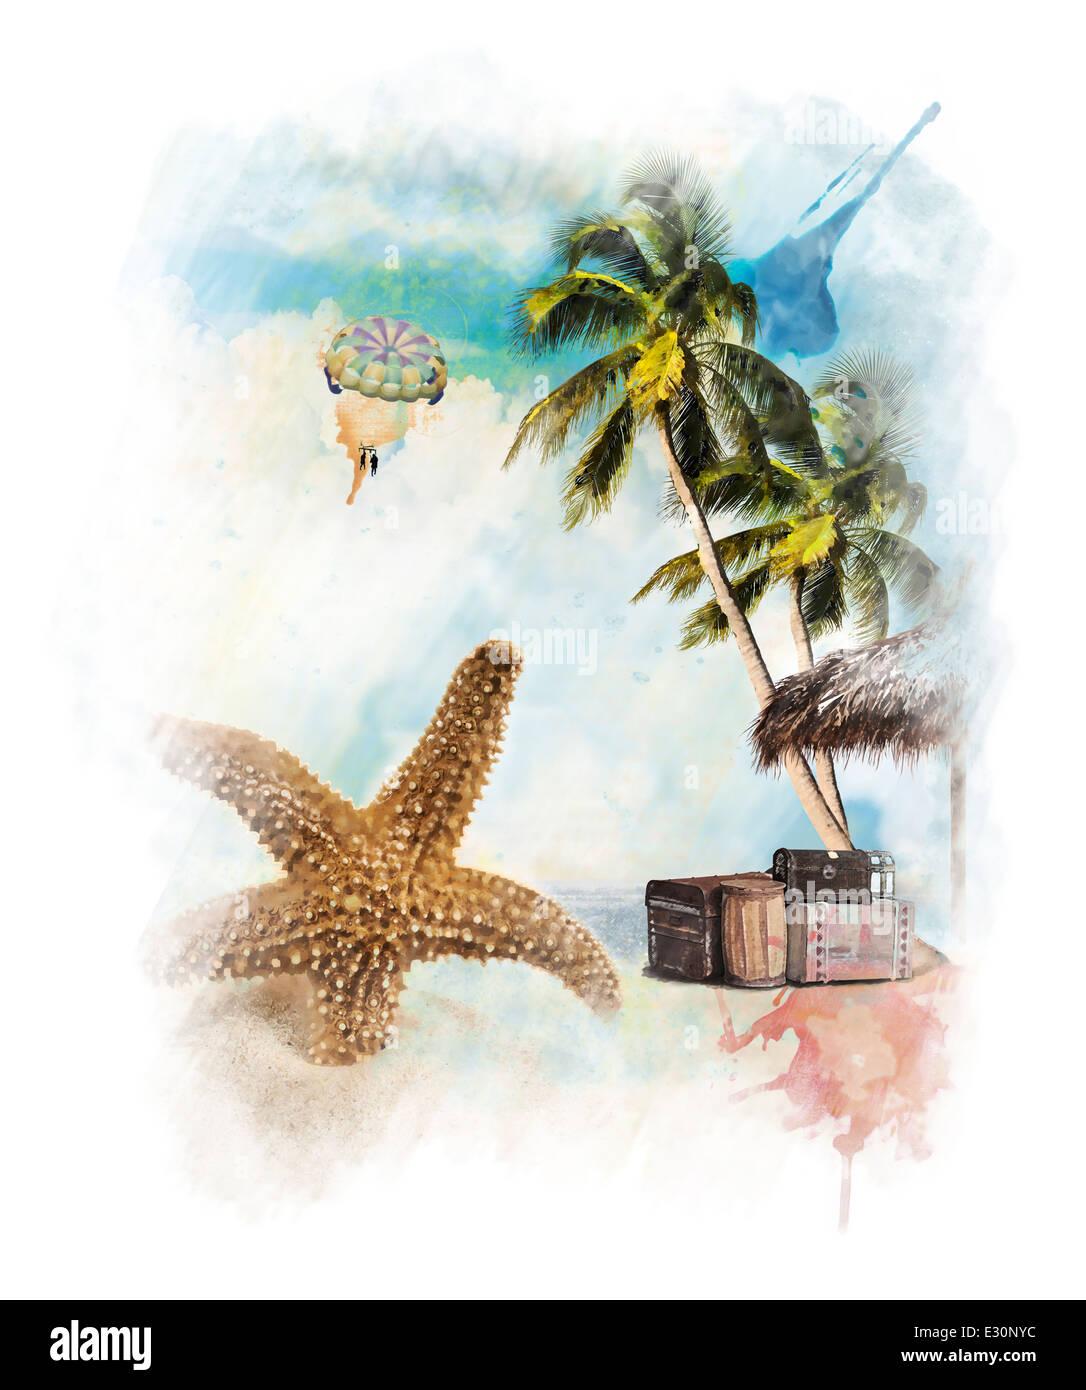 Acuarela pintura digital del tema de vacaciones Imagen De Stock